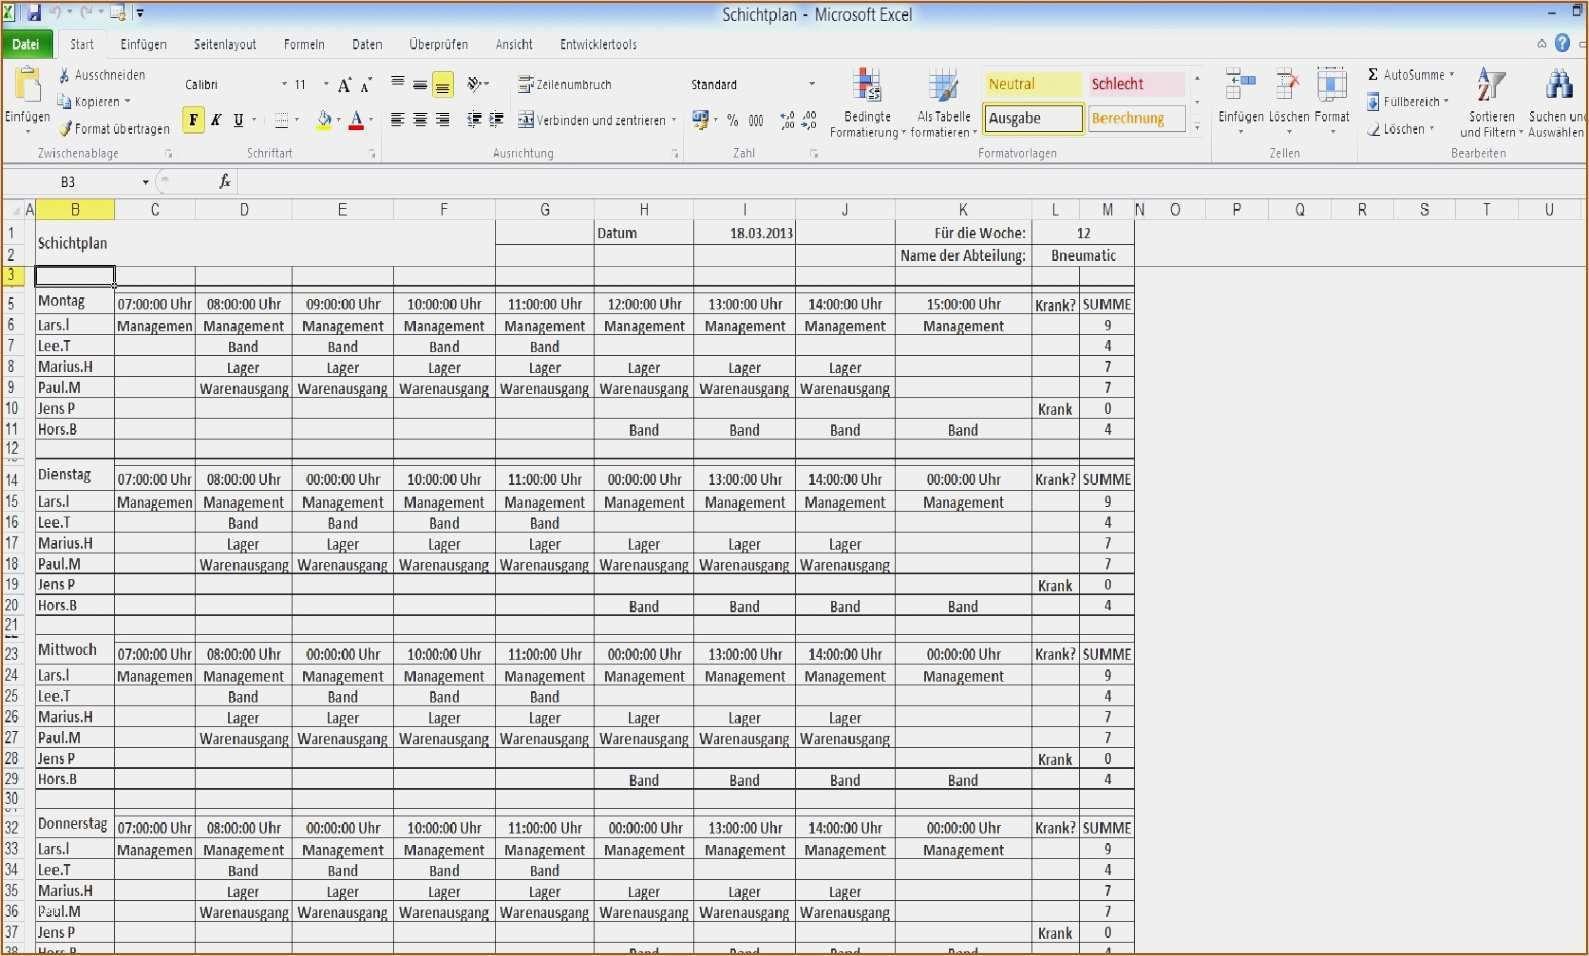 36 Wunderbar Kostenlose Excel Vorlagen Ideen In 2020 Vorlagen Word Excel Vorlage Vorlagen